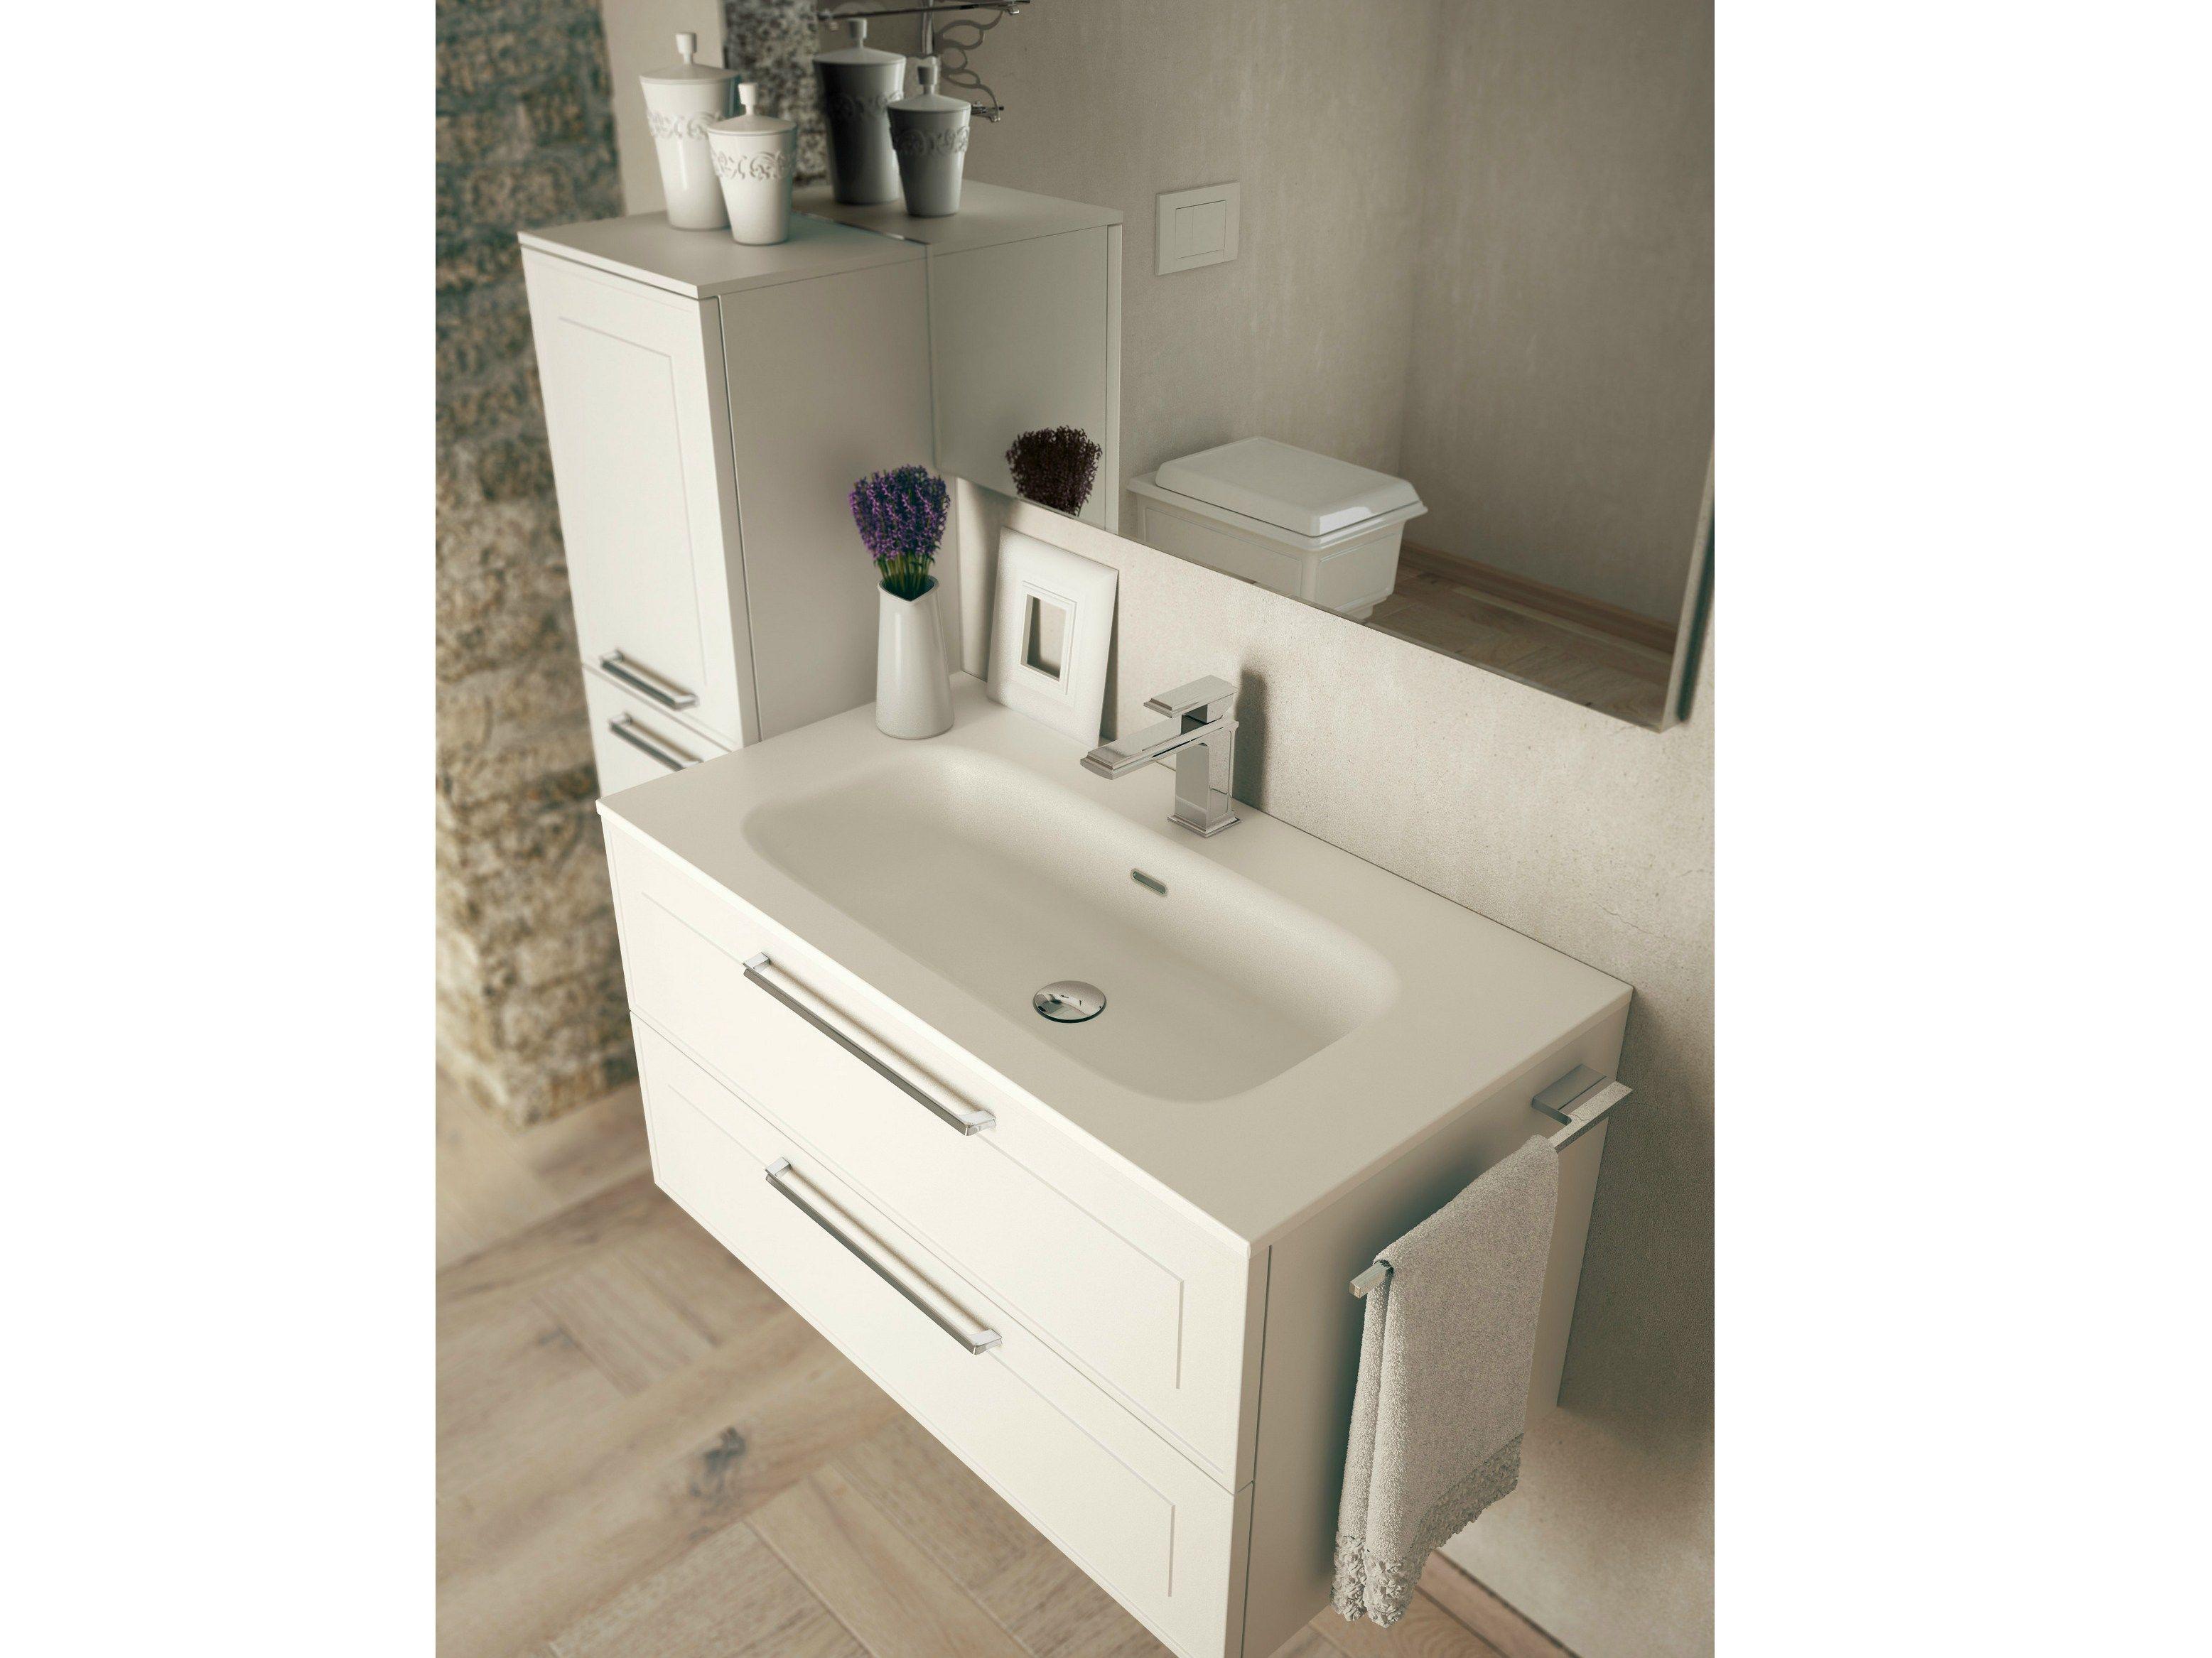 arredo bagno completo dressy comp 07 by idea - Arredo Completo Bagno